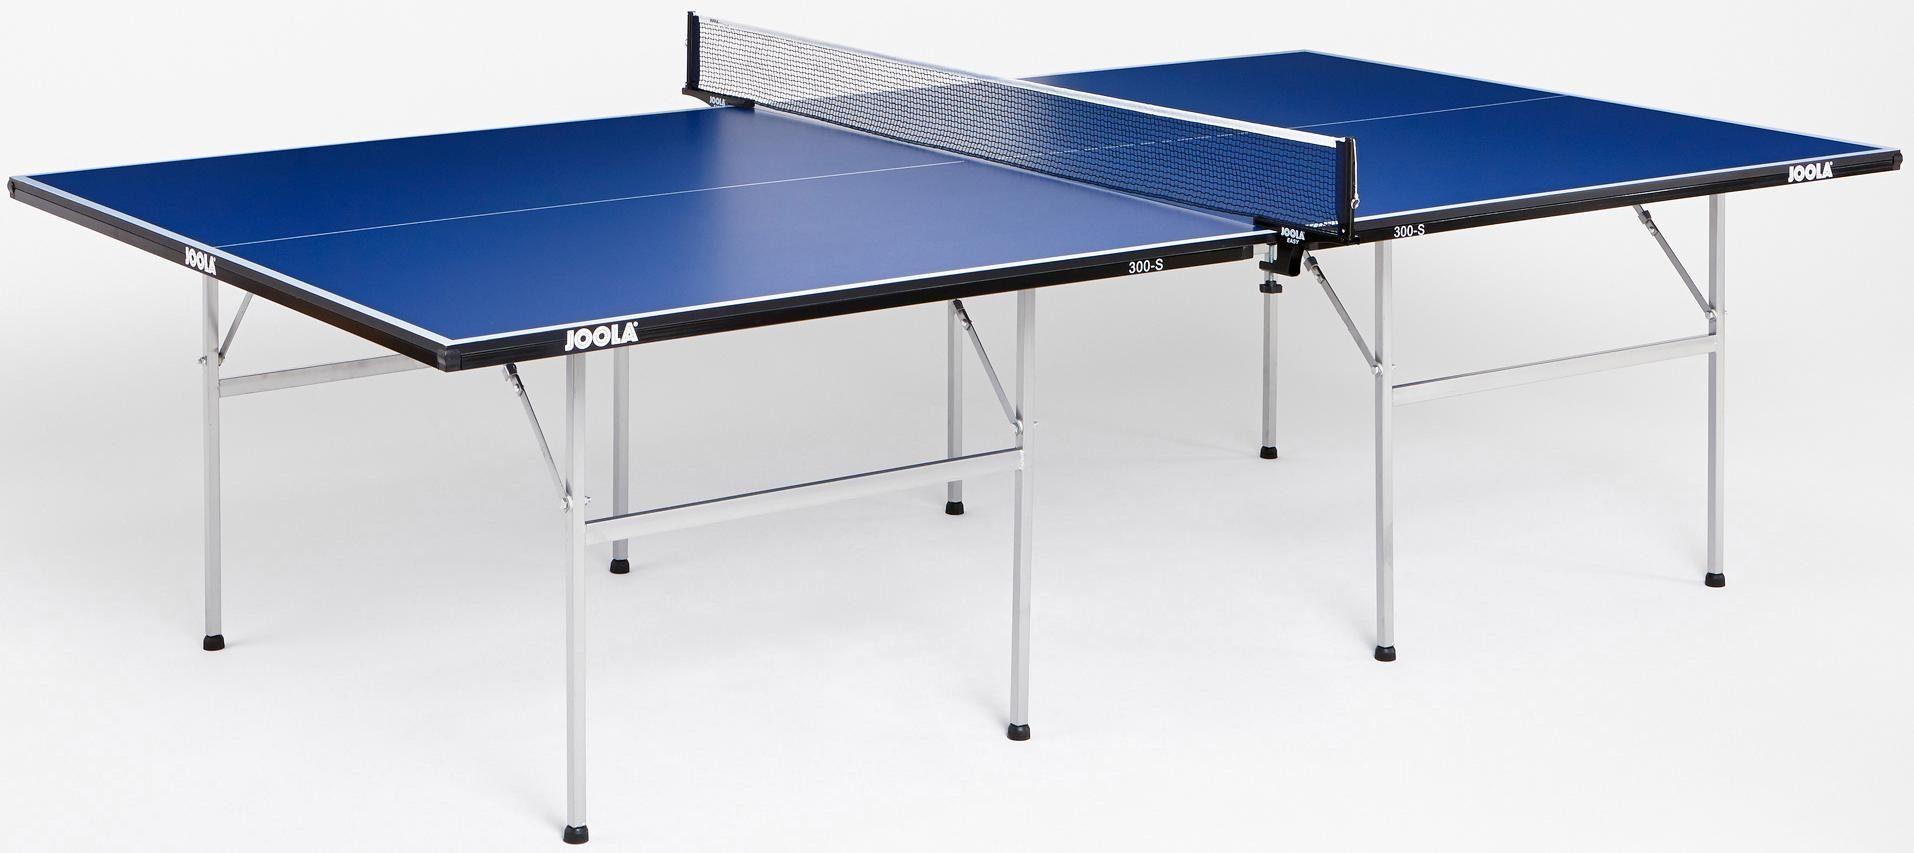 Joola, Tischtennisplatte, JOOLA Indoor Tischtennisplatte 300-S blau Tischtennisplatten Spieltische Sportausrüstung Accessoires